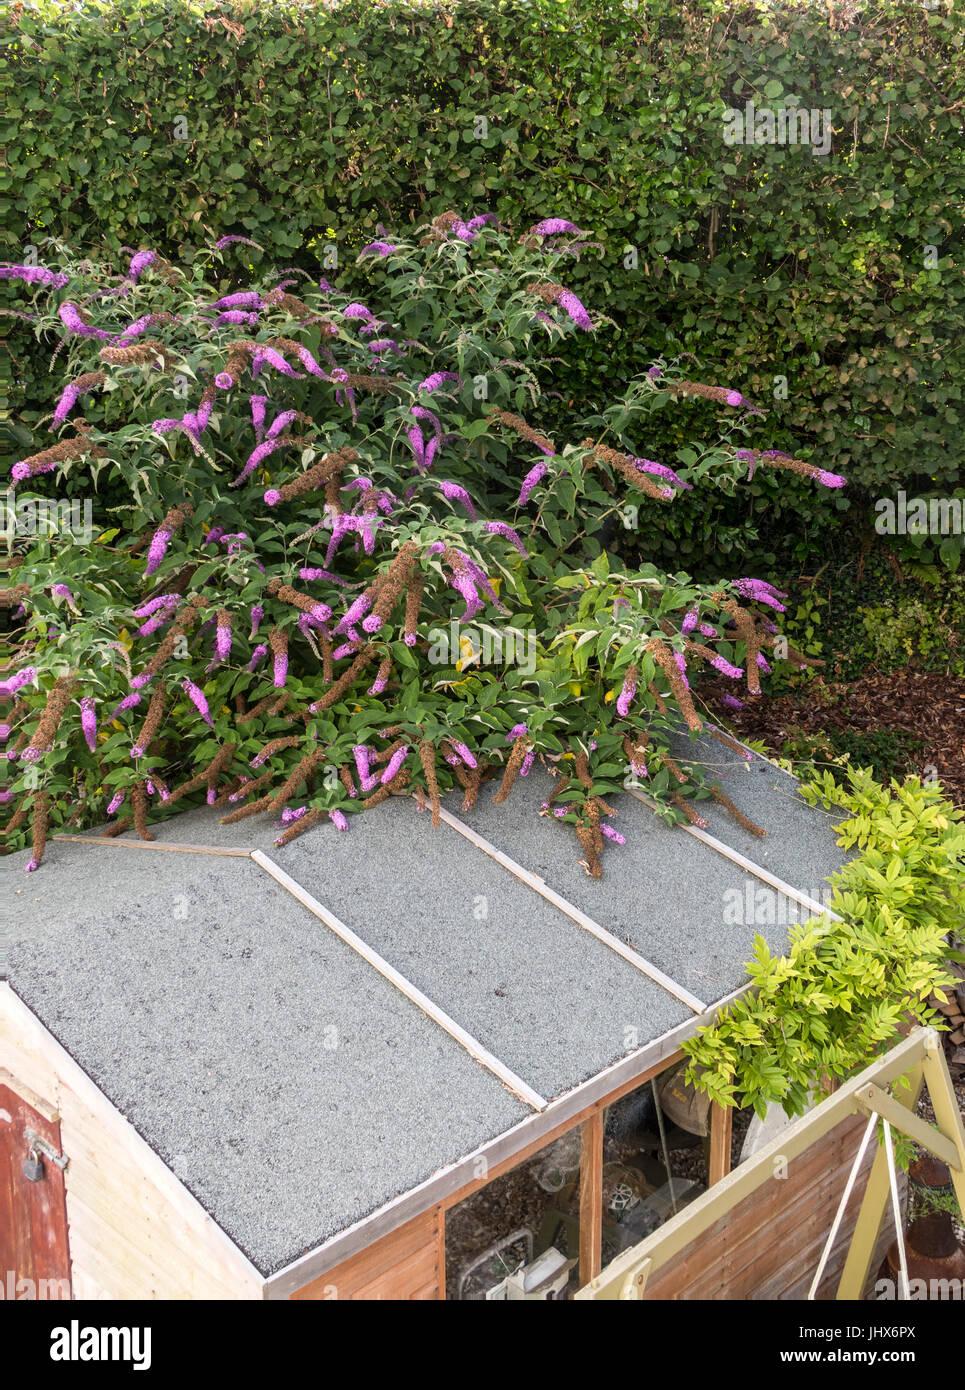 Large Buddleia davidii, common Buddleia, overgrown and overtaking a garden shed.Buddleja. - Stock Image